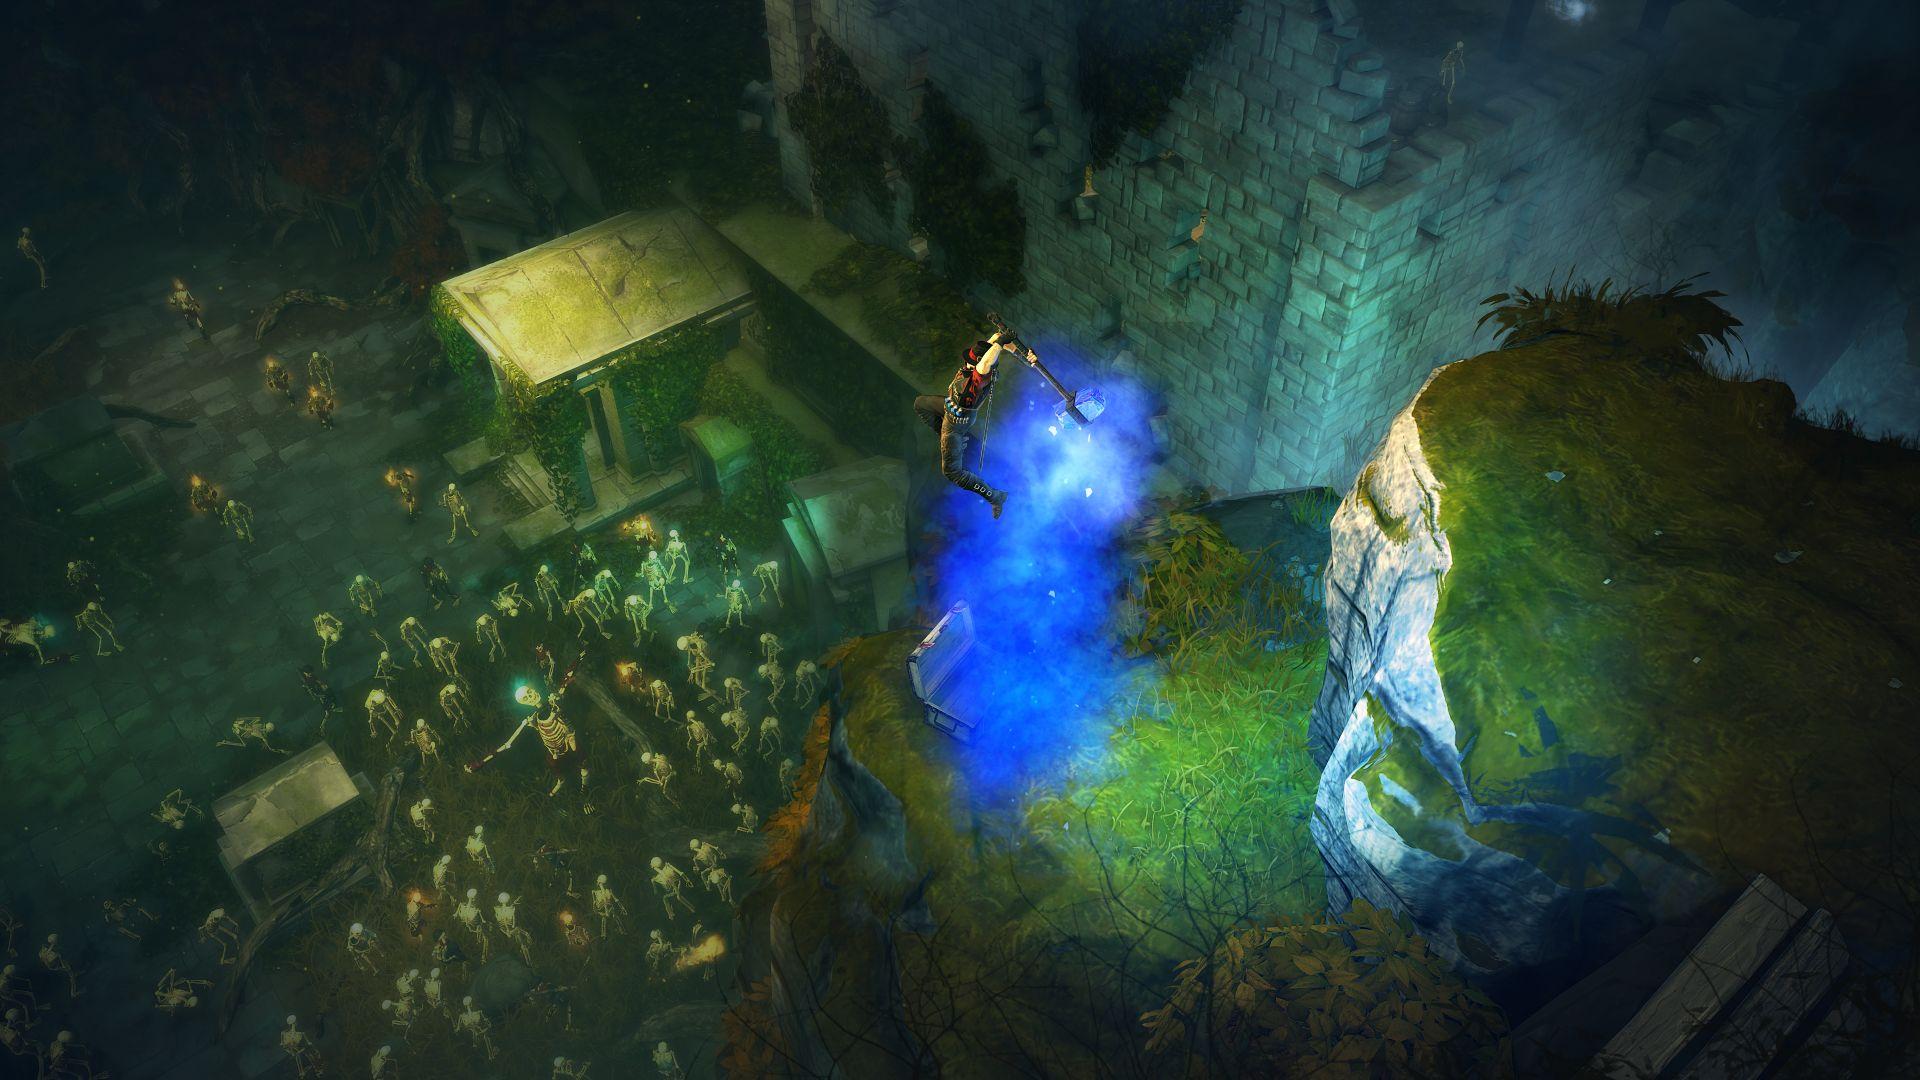 Victor Vran pootevřel brány do temného světa 105632